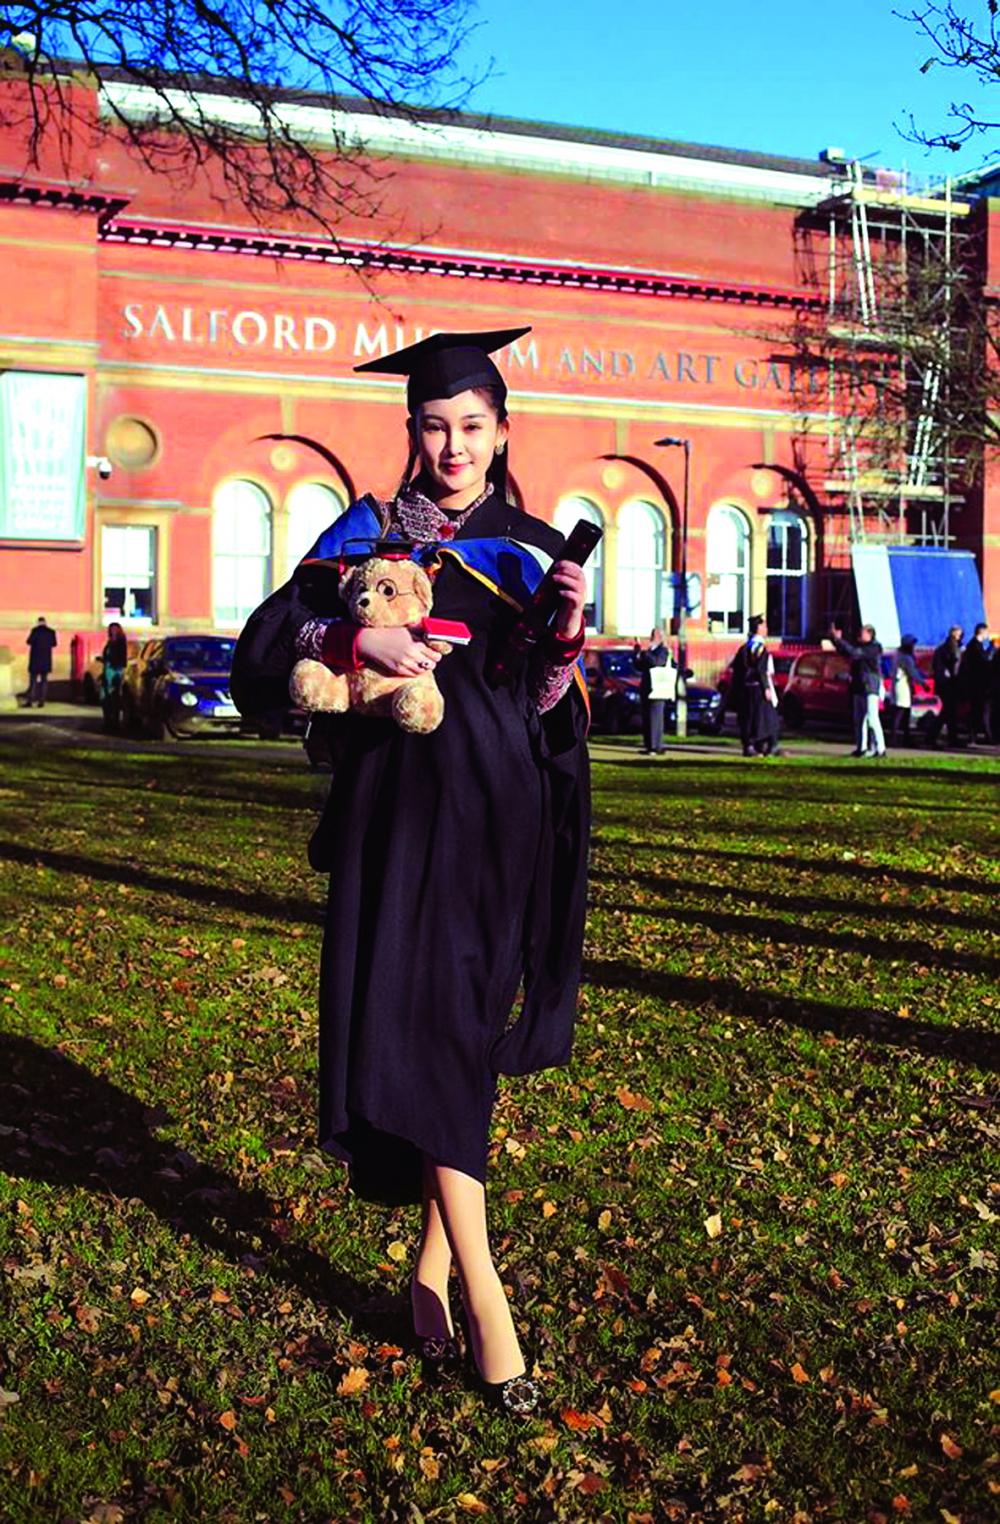 Ngày tốt nghiệp thạc sĩ tại Đại học Salford